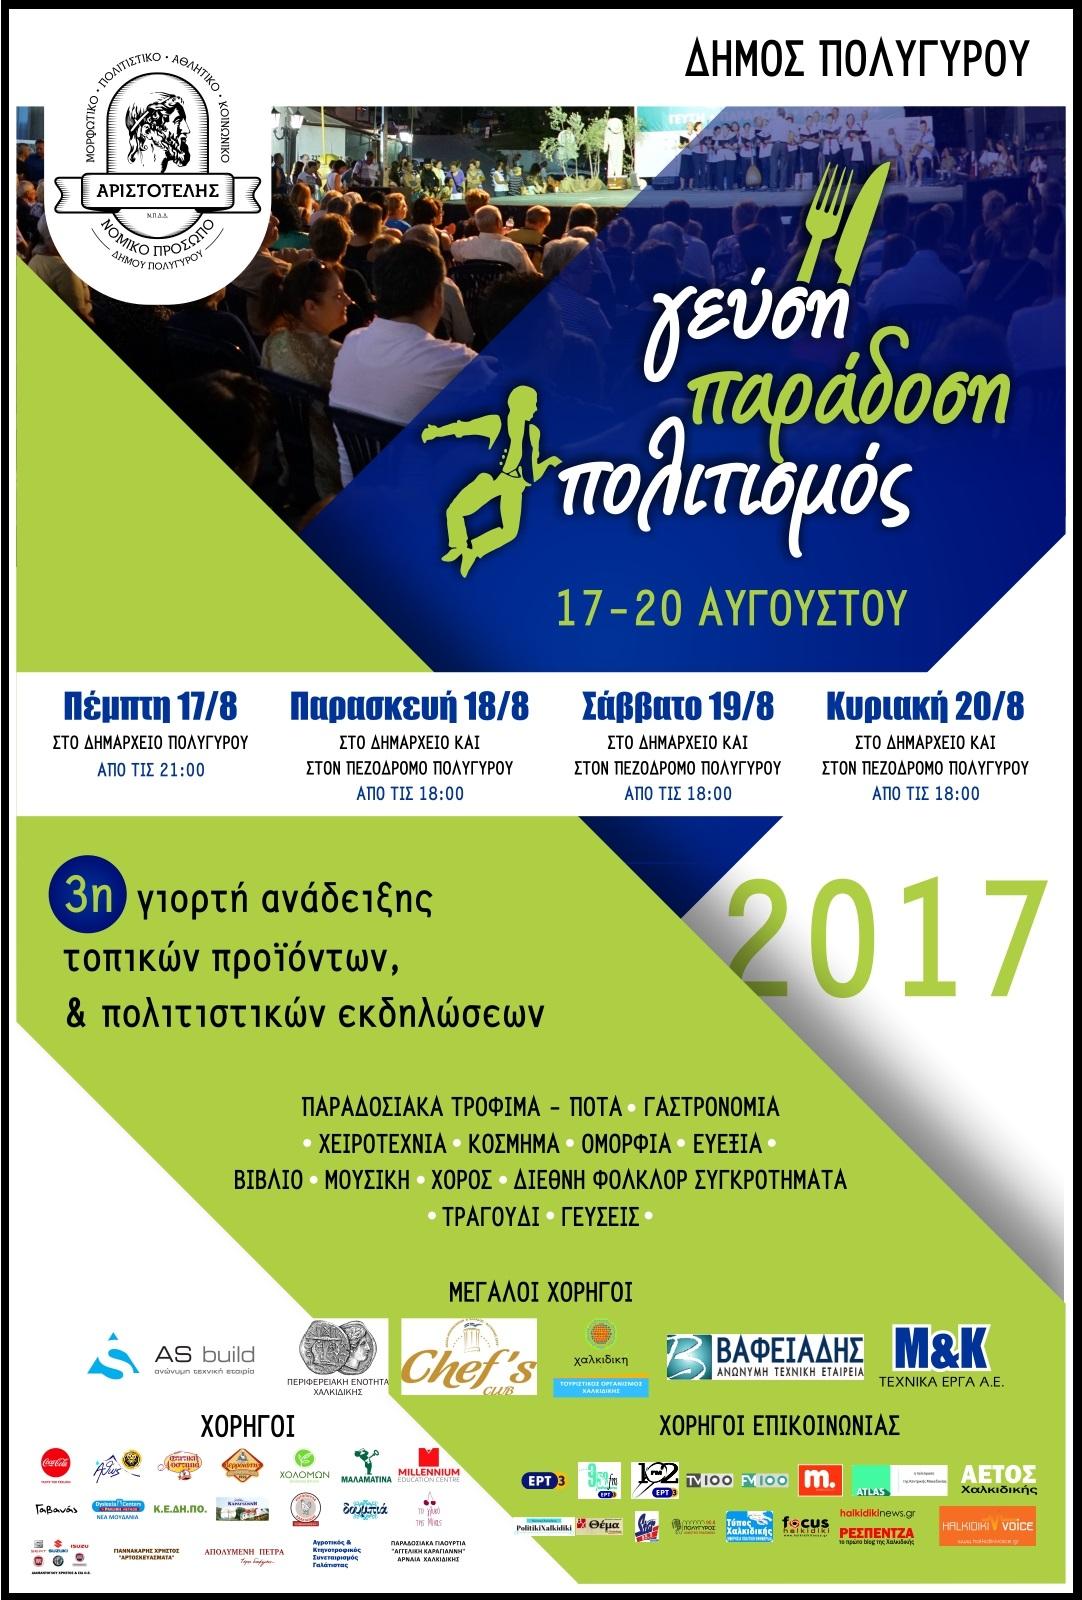 «Γεύση – Παράδοση – Πολιτισμός», στον Πεζόδρομο του Πολυγύρου 17 - 20 Αυγούστου 2017